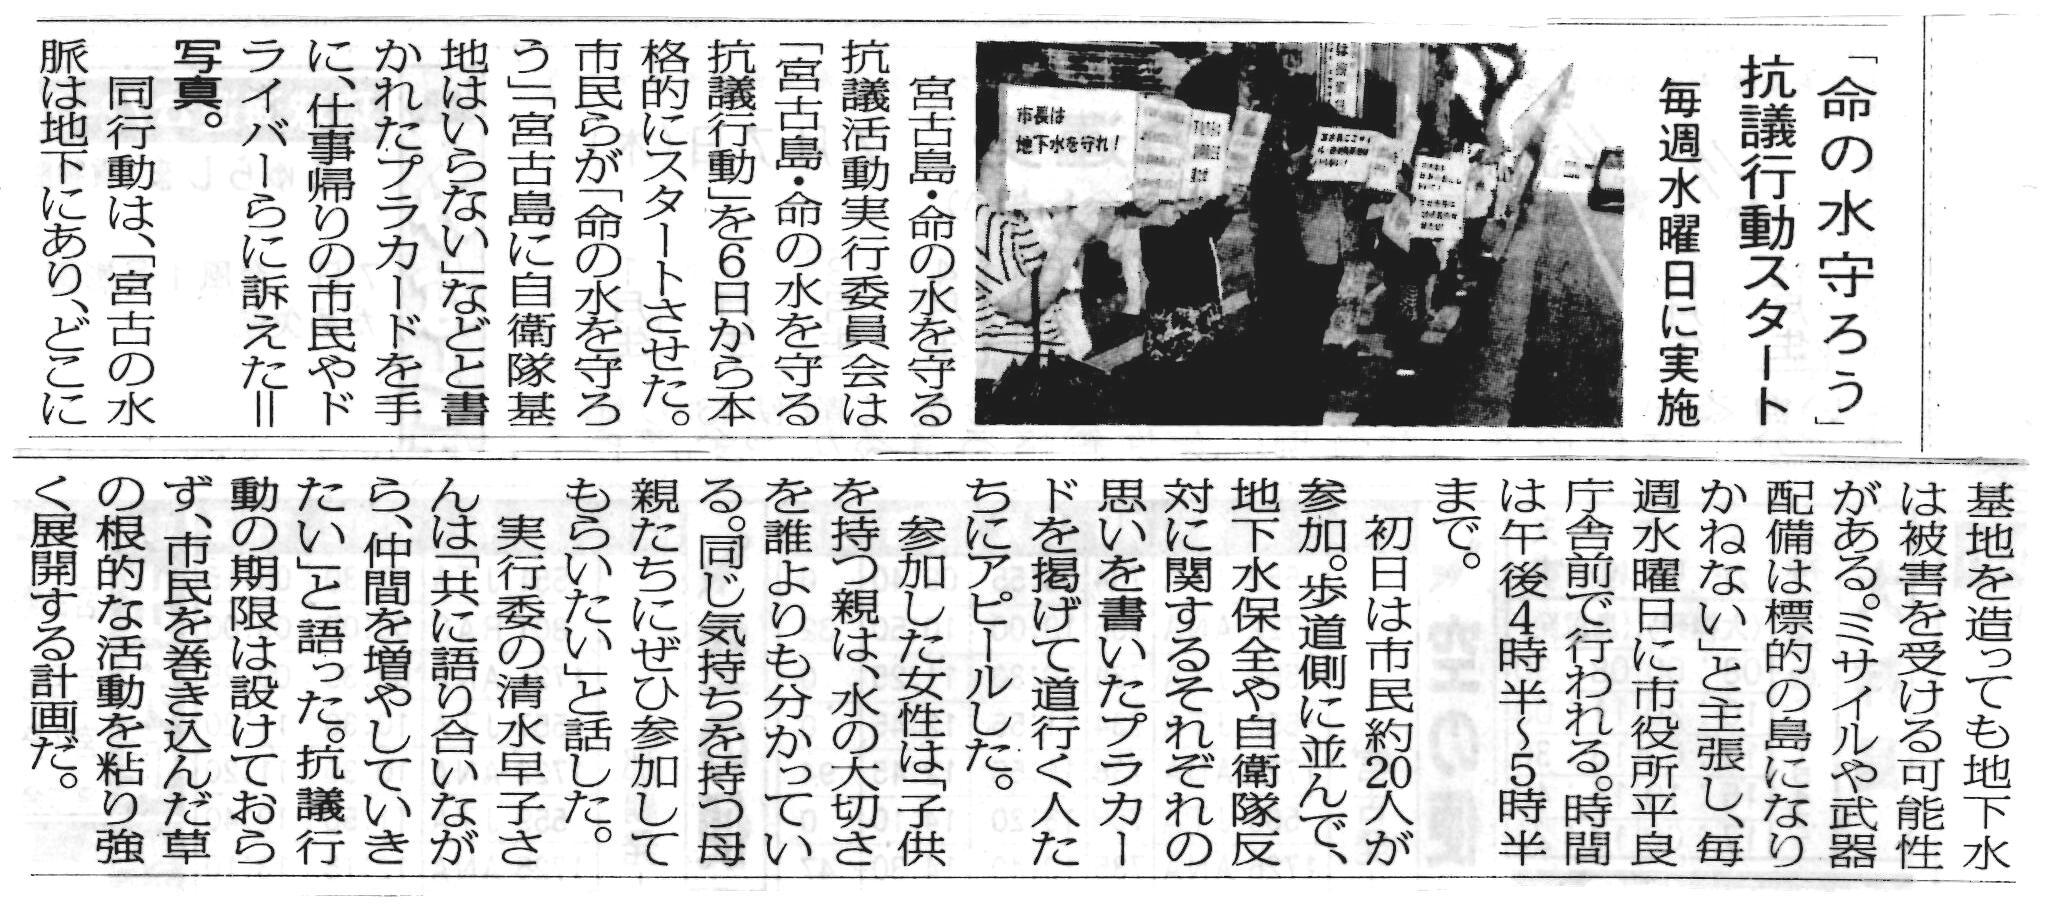 miyakomainichi2016 0707